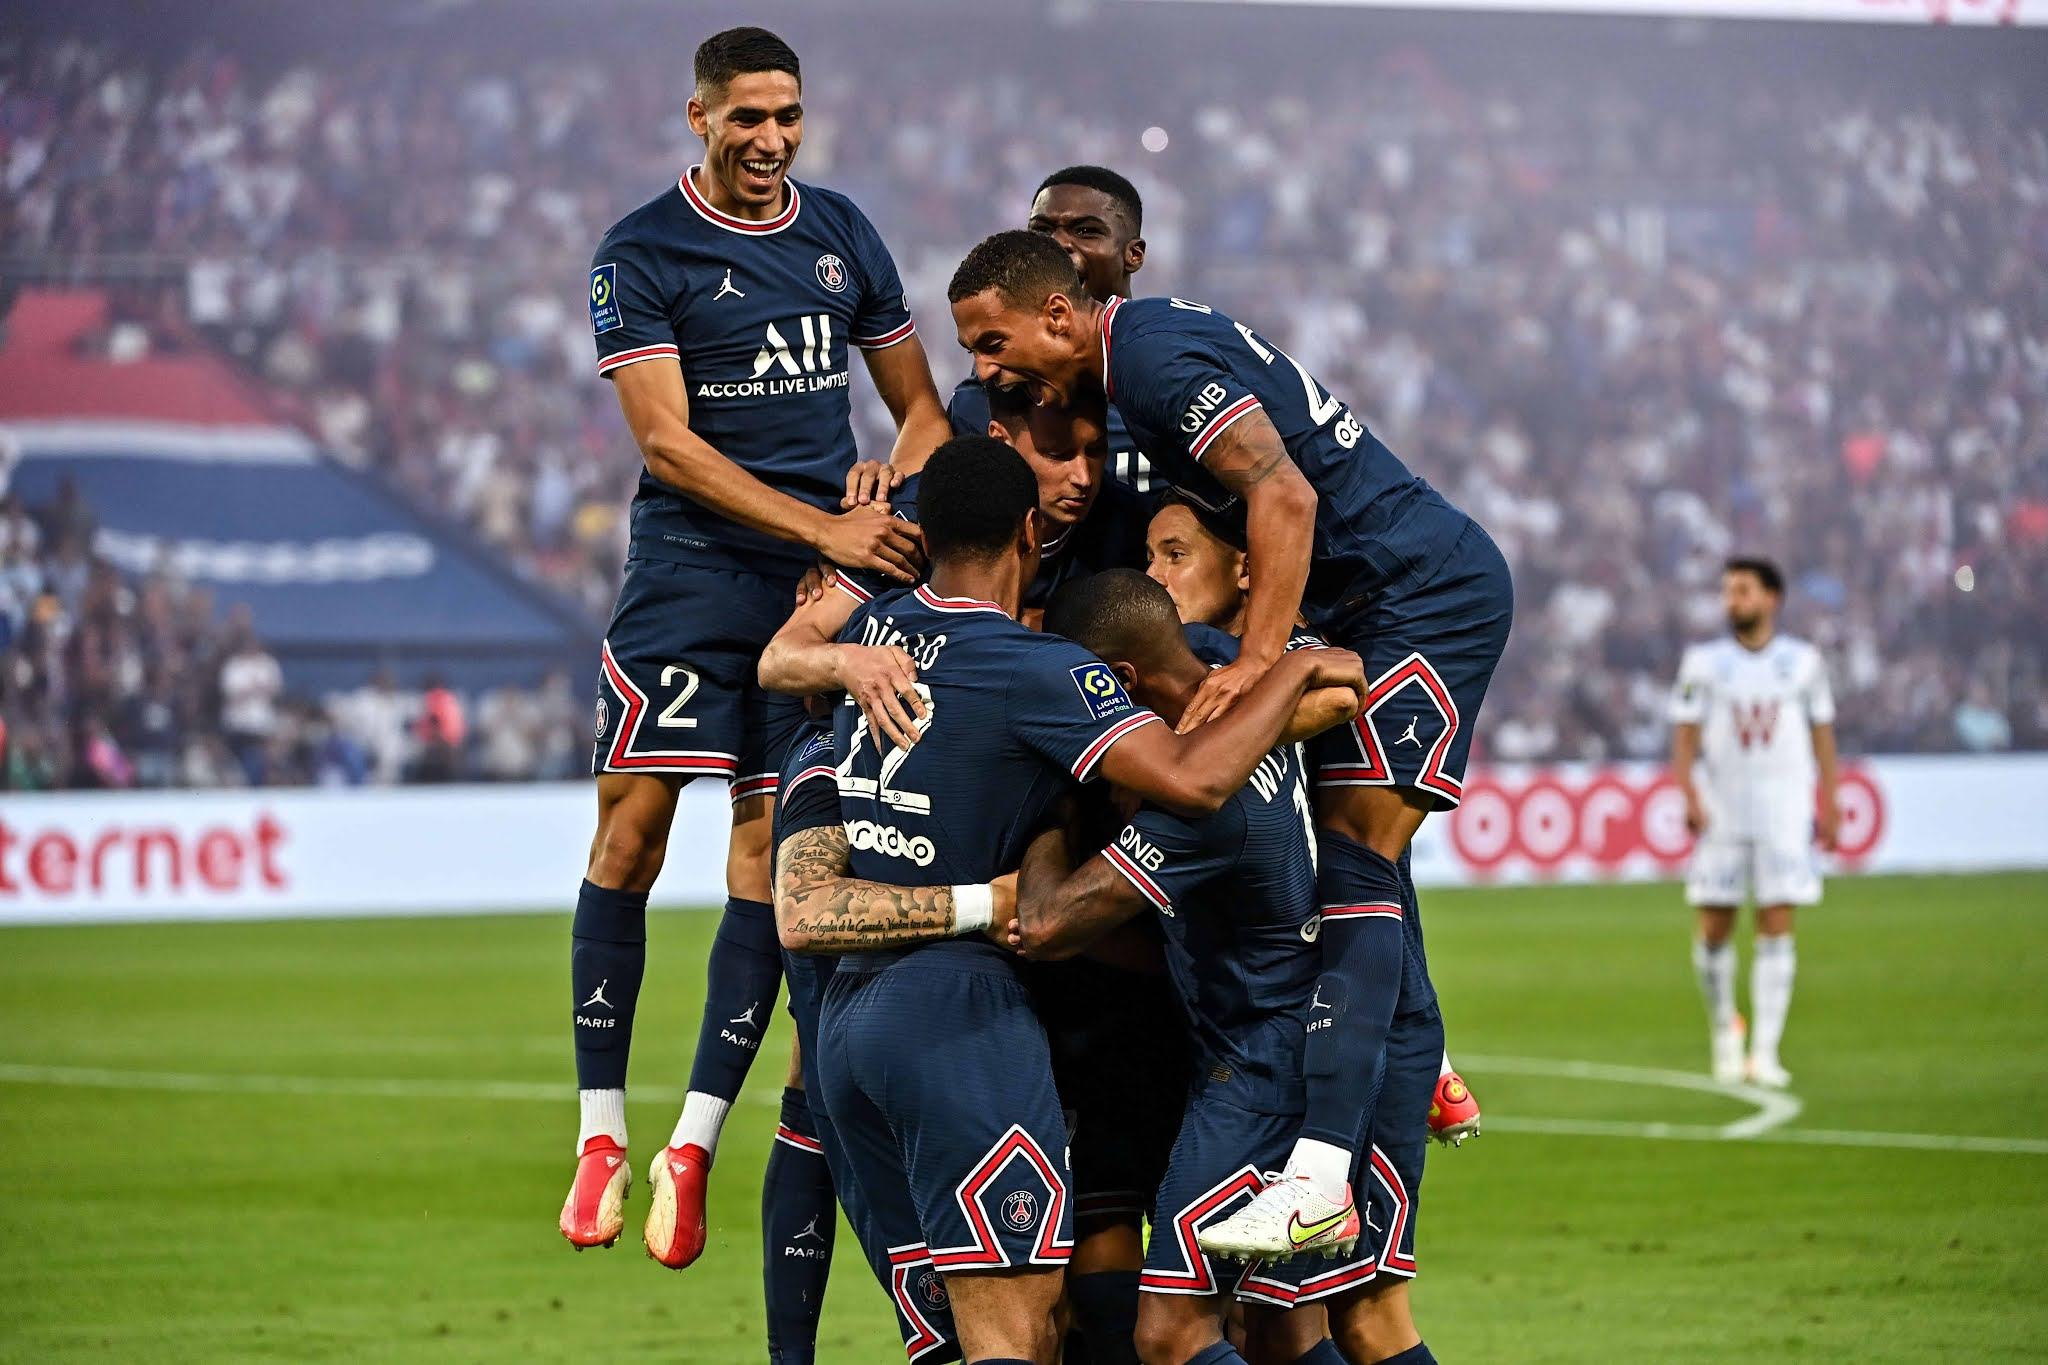 PSG, con Messi en la tribuna y un gol de Icardi, superó a Racing de Estrasburgo